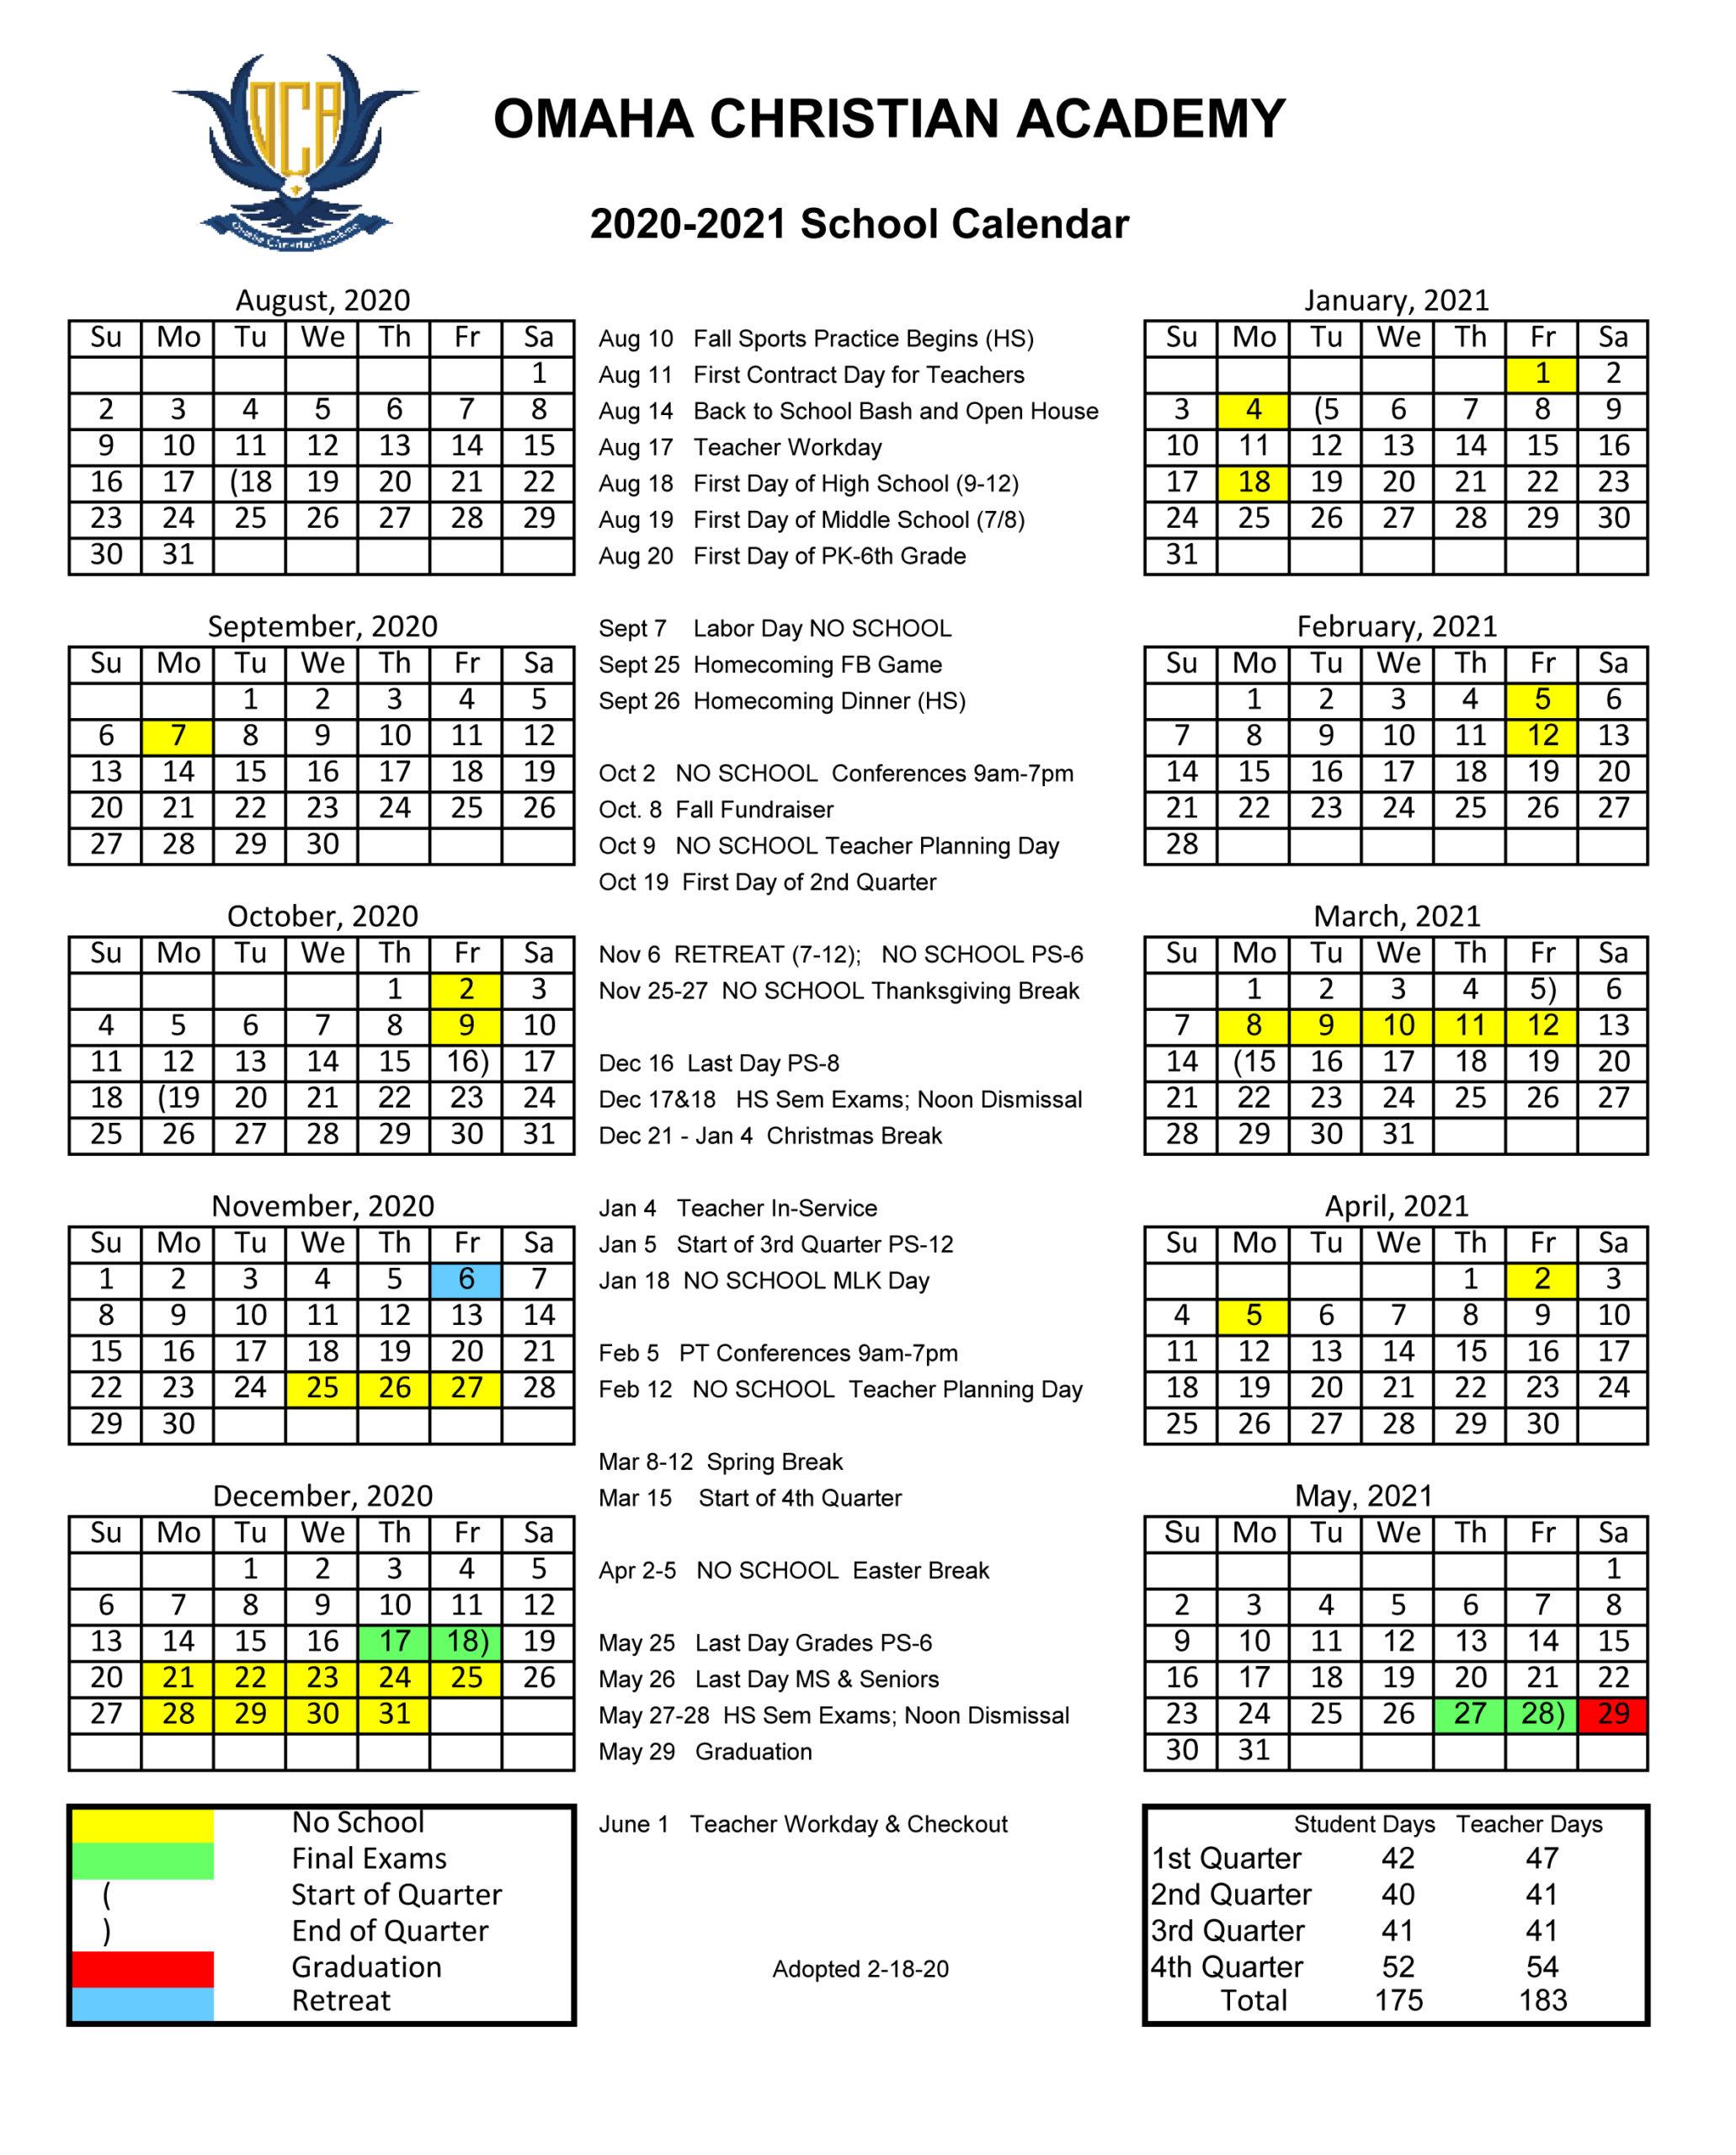 2020/2021 School Calendar - Omaha Christian Academy